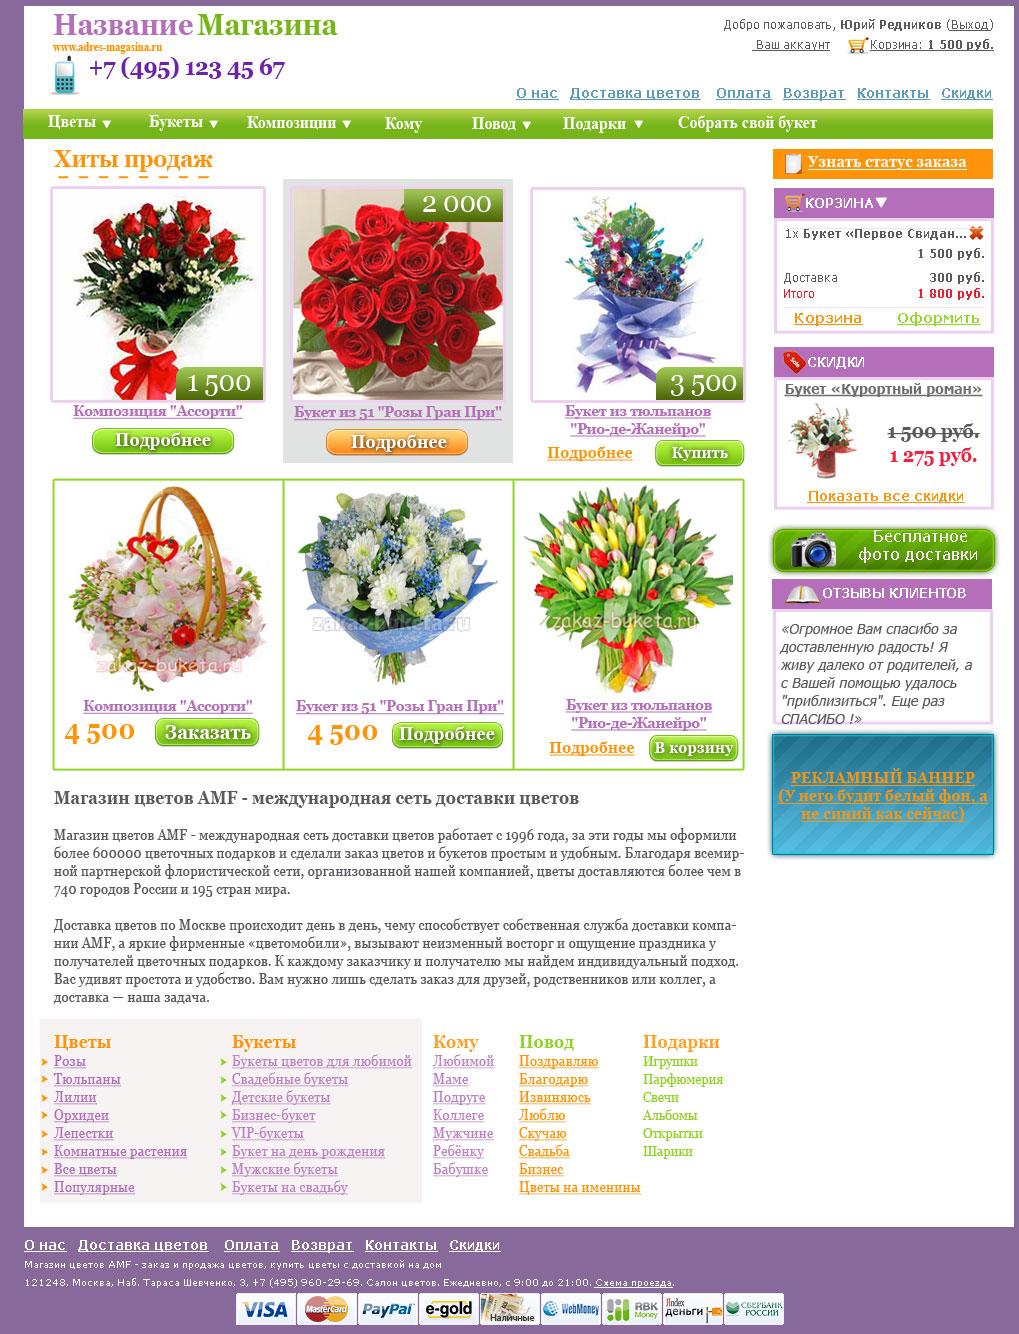 Дизайт для интернет-магазина цветов